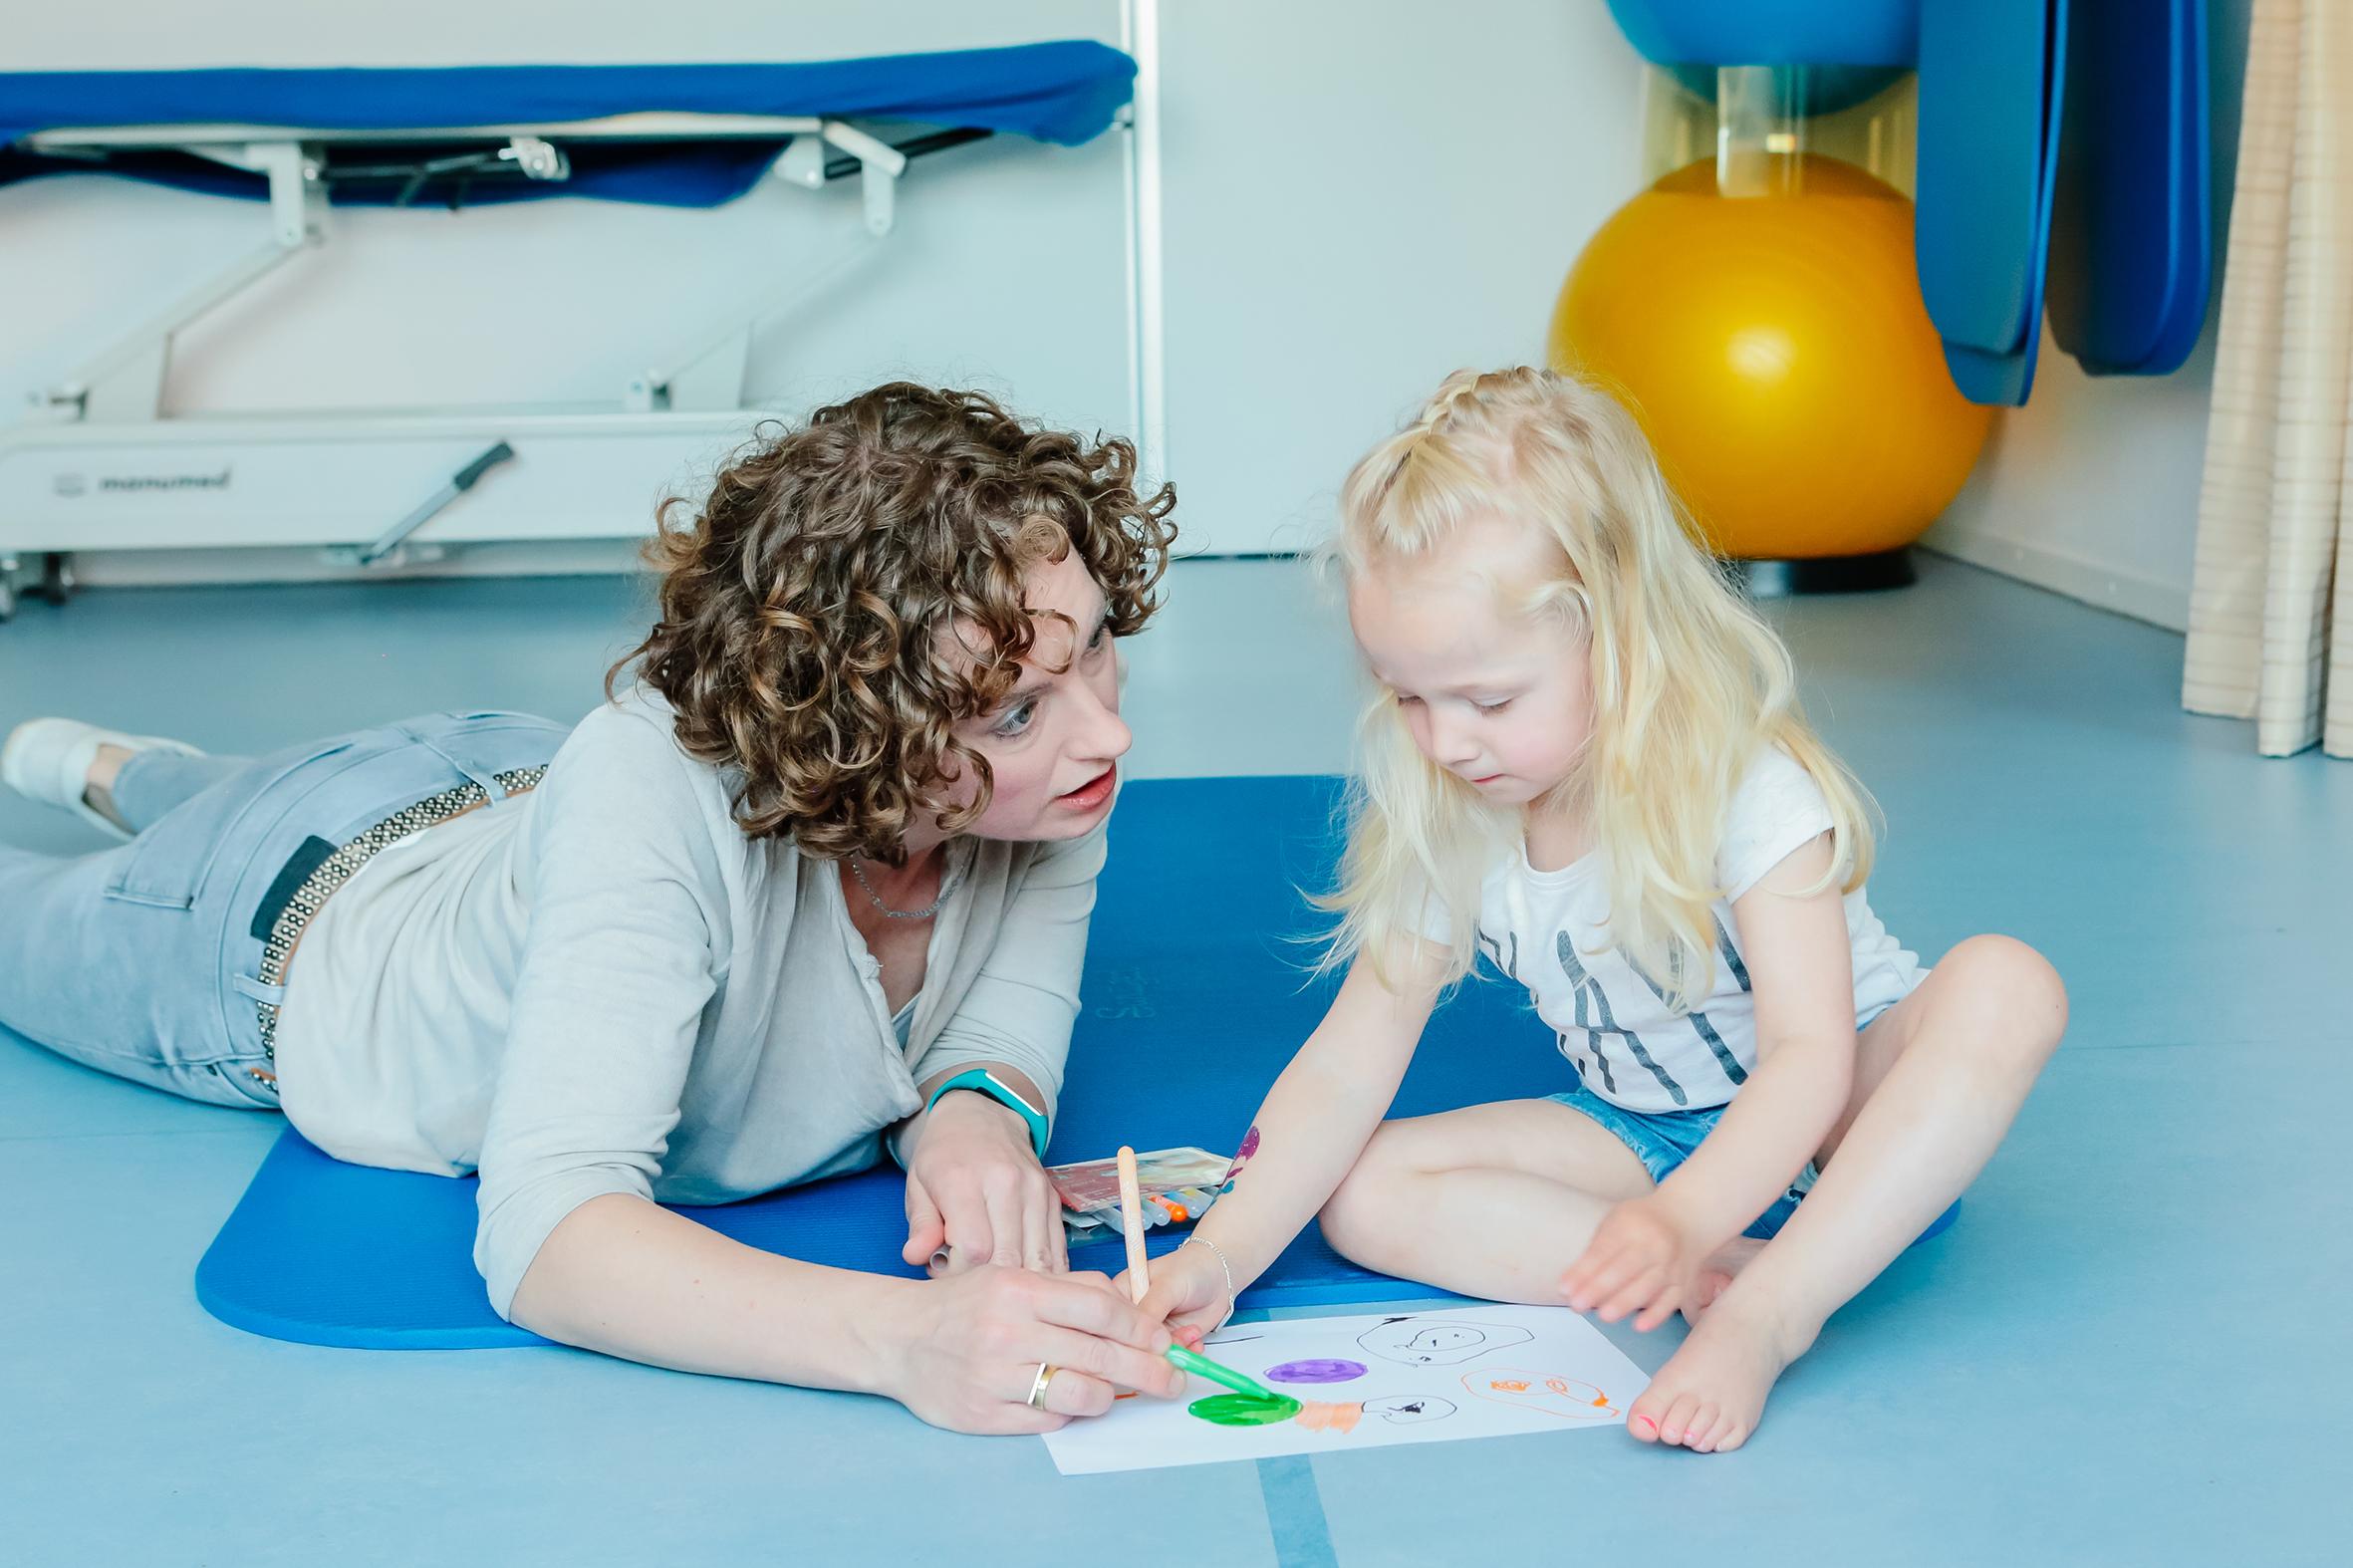 oefentherapie, cesar oefentherapie, kinderoefentherapie, kinderoefentherapeut, oefentherapeut, rugklachten, schouderklachten, nekklachten, stress, houding, nachtrust, slapen, klachten, motoriek, zintuigen, reuma